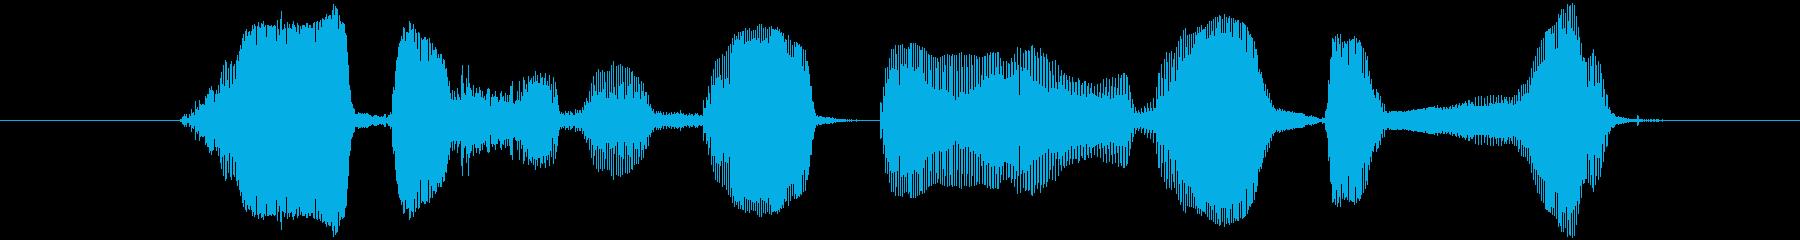 ロードするデータを選んでねっの再生済みの波形